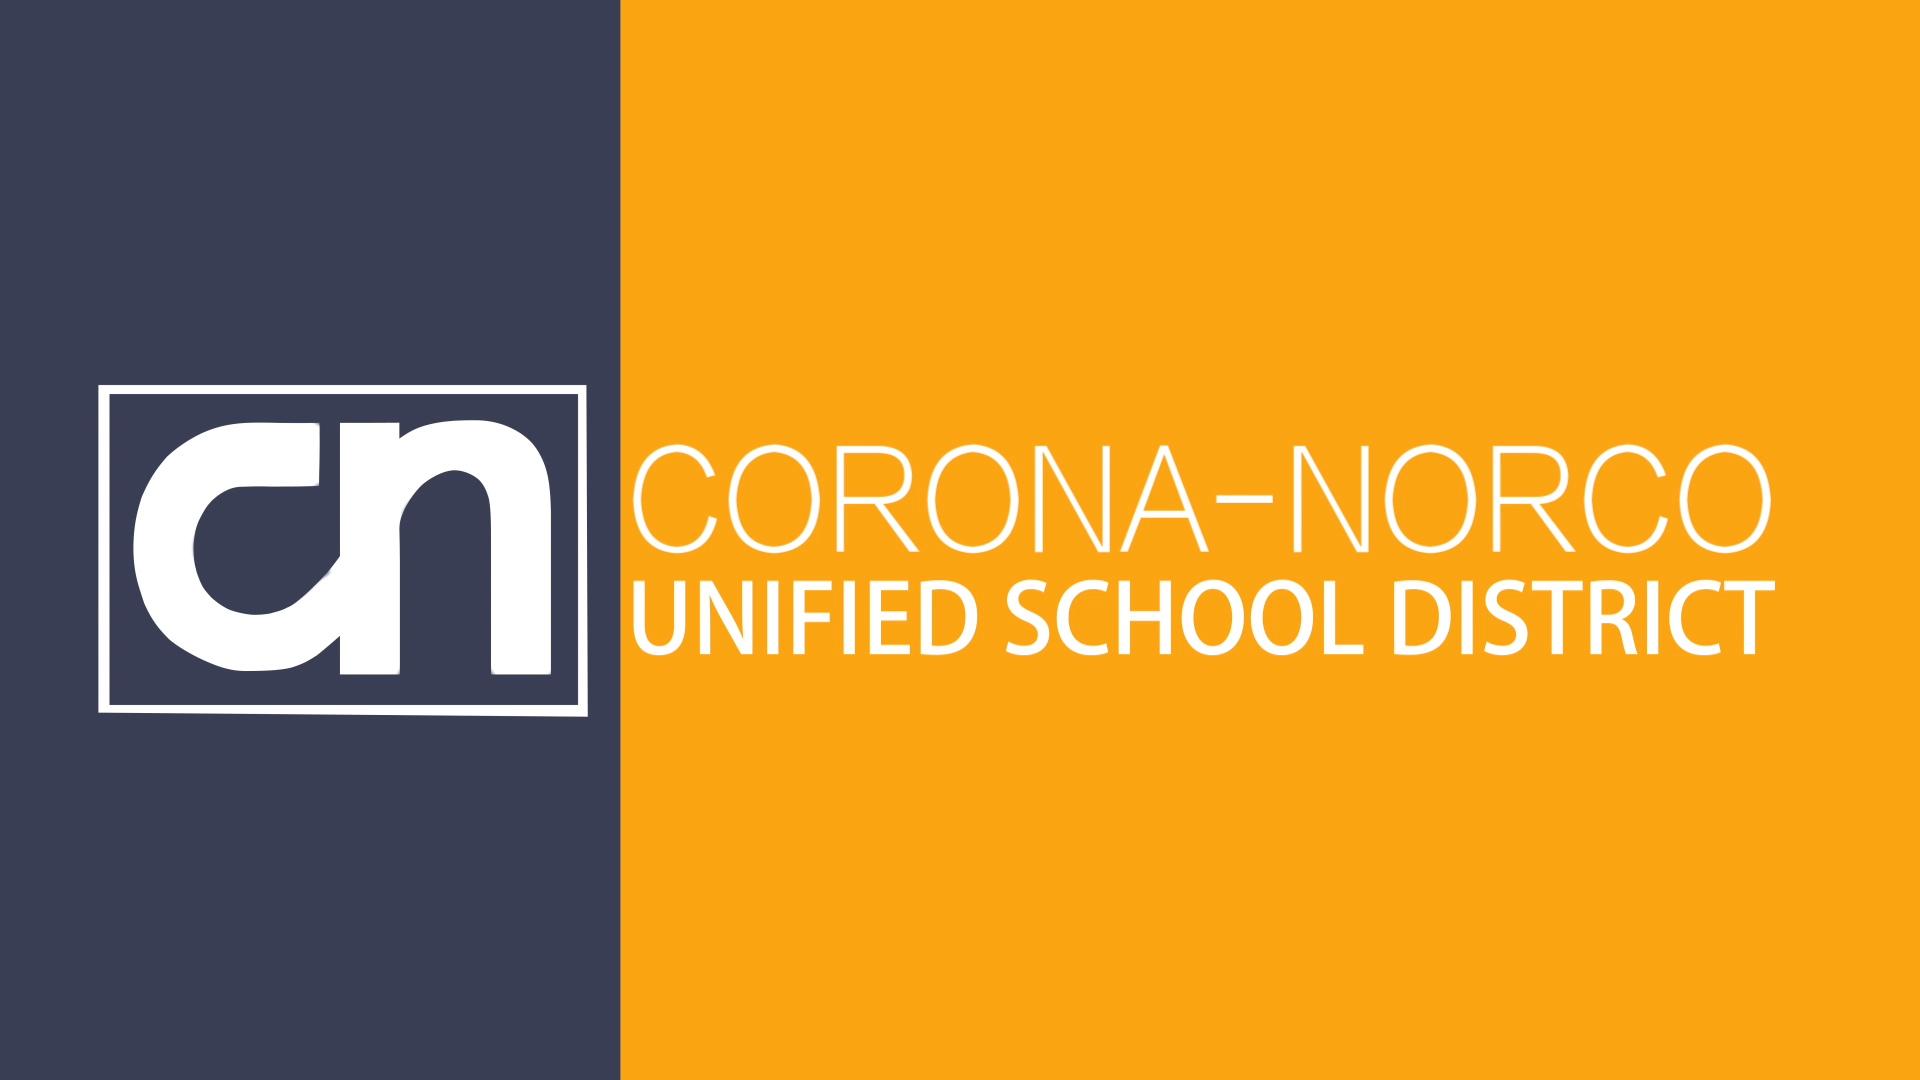 October 2015 – The Cnusd Connection With Corona Norco Calendar 2020